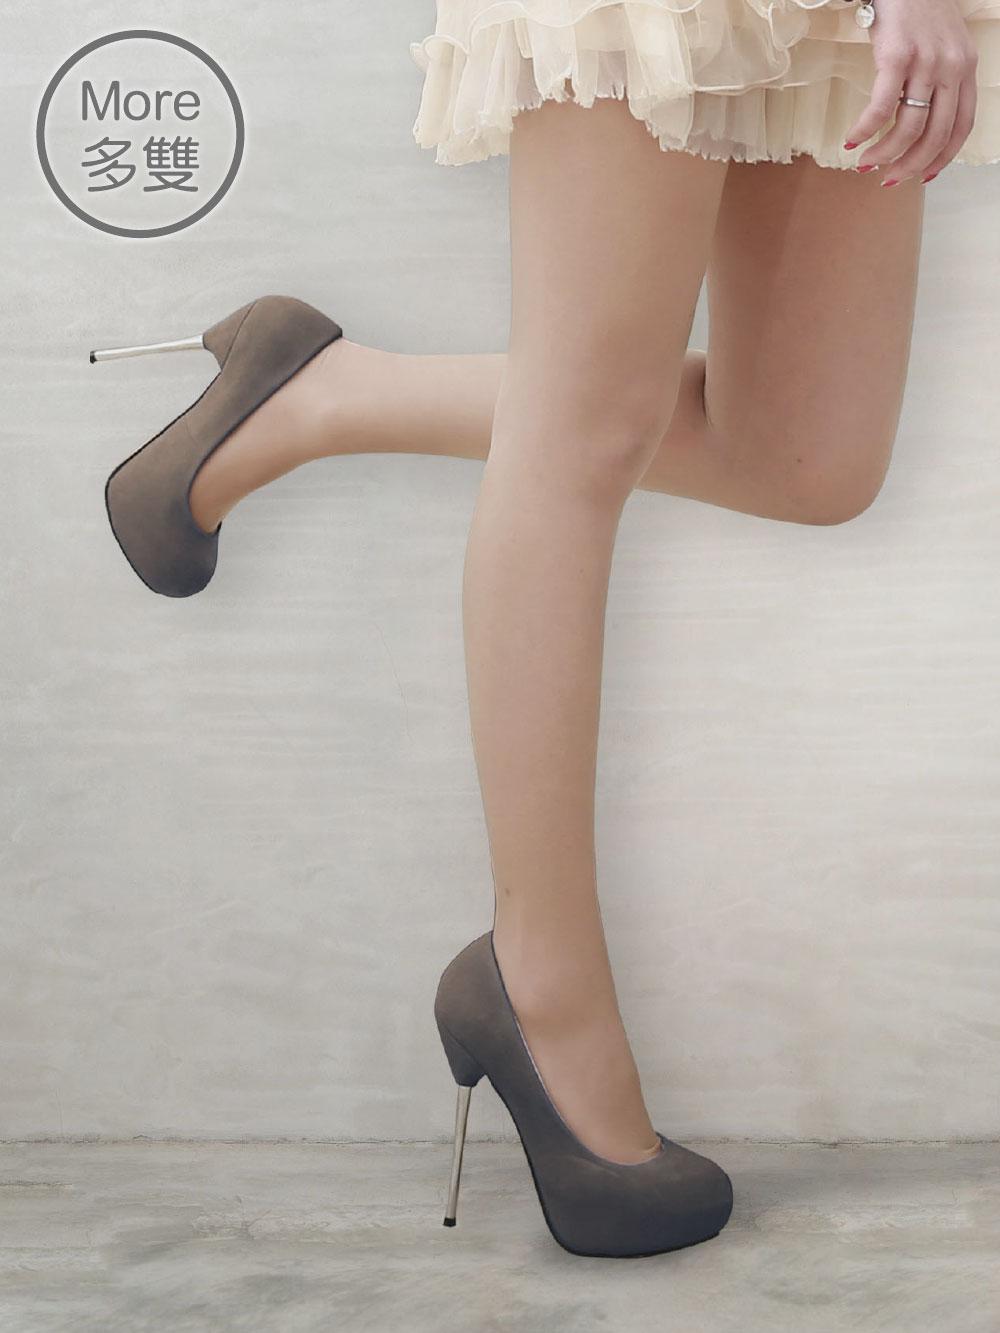 貝柔(12雙組)超透亮超彈力50D輕壓美塑透膚絲襪-膚